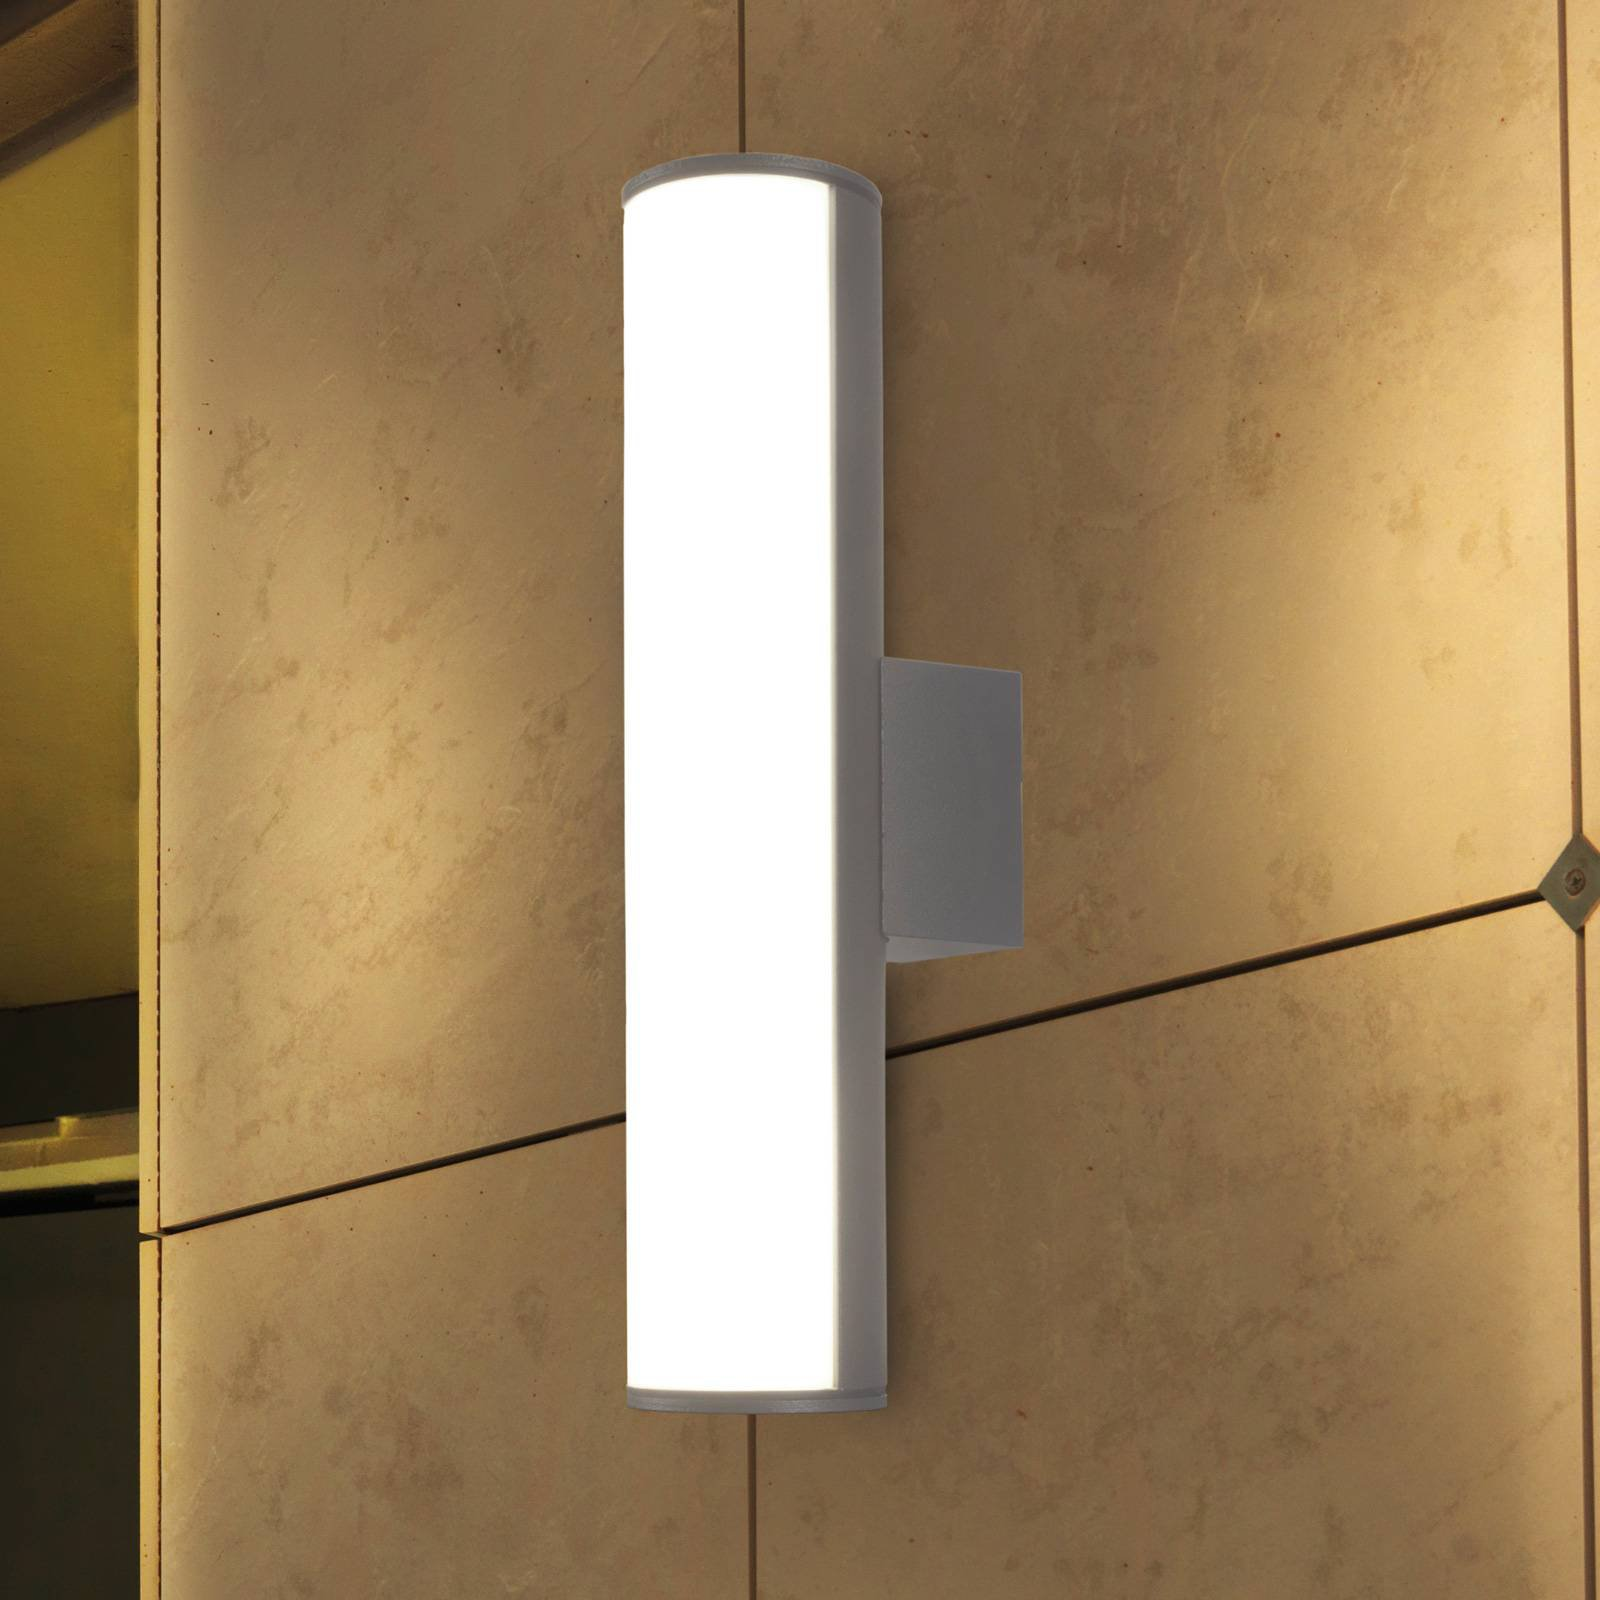 LEDS-C4 Monaco utendørs LED-vegglampe